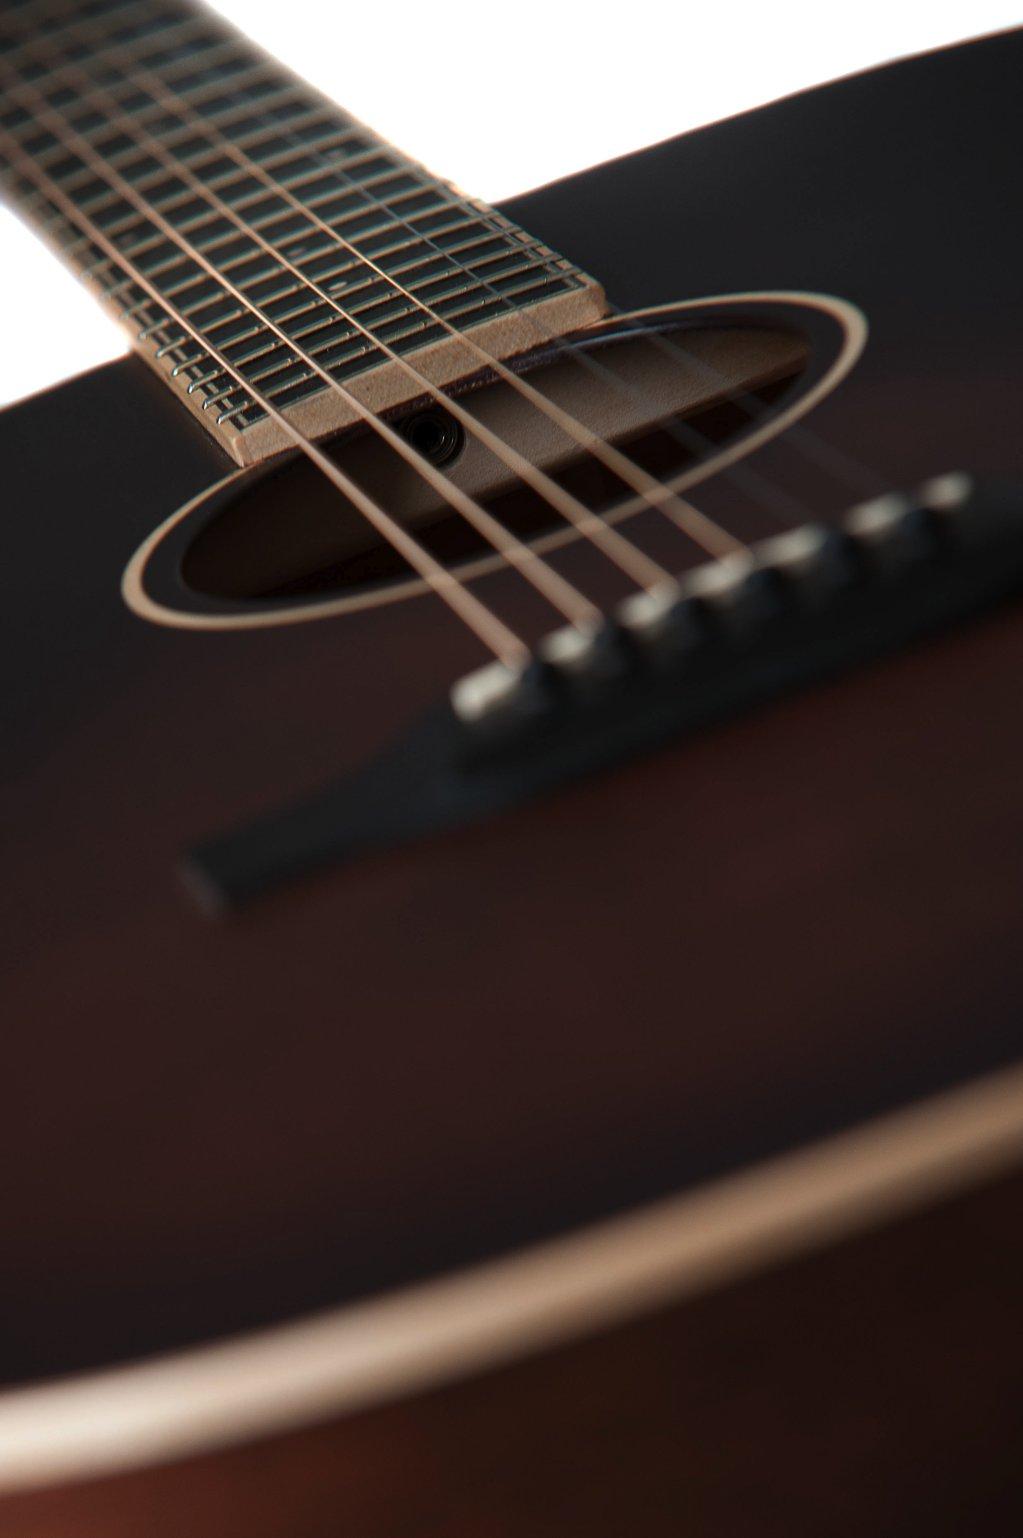 Julia acoustic guitar by Auden Guitars